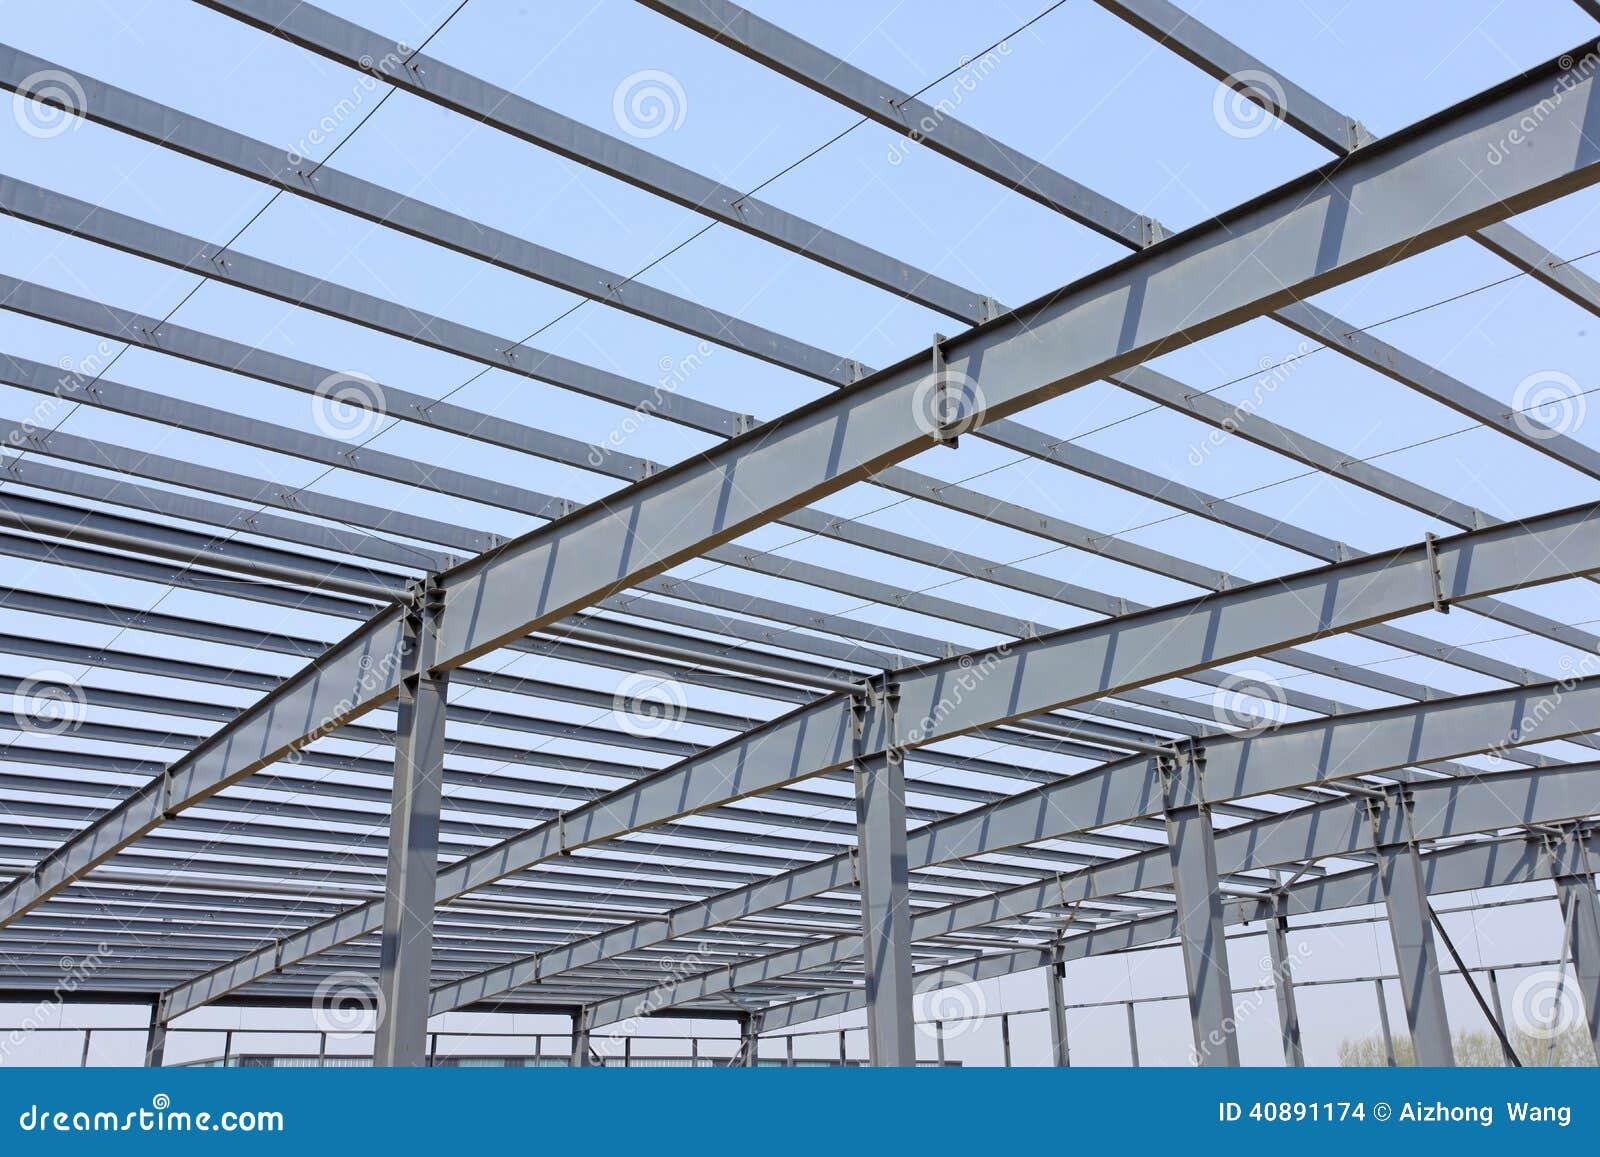 Fein Stahl Rahmenkonstruktion Galerie - Benutzerdefinierte ...